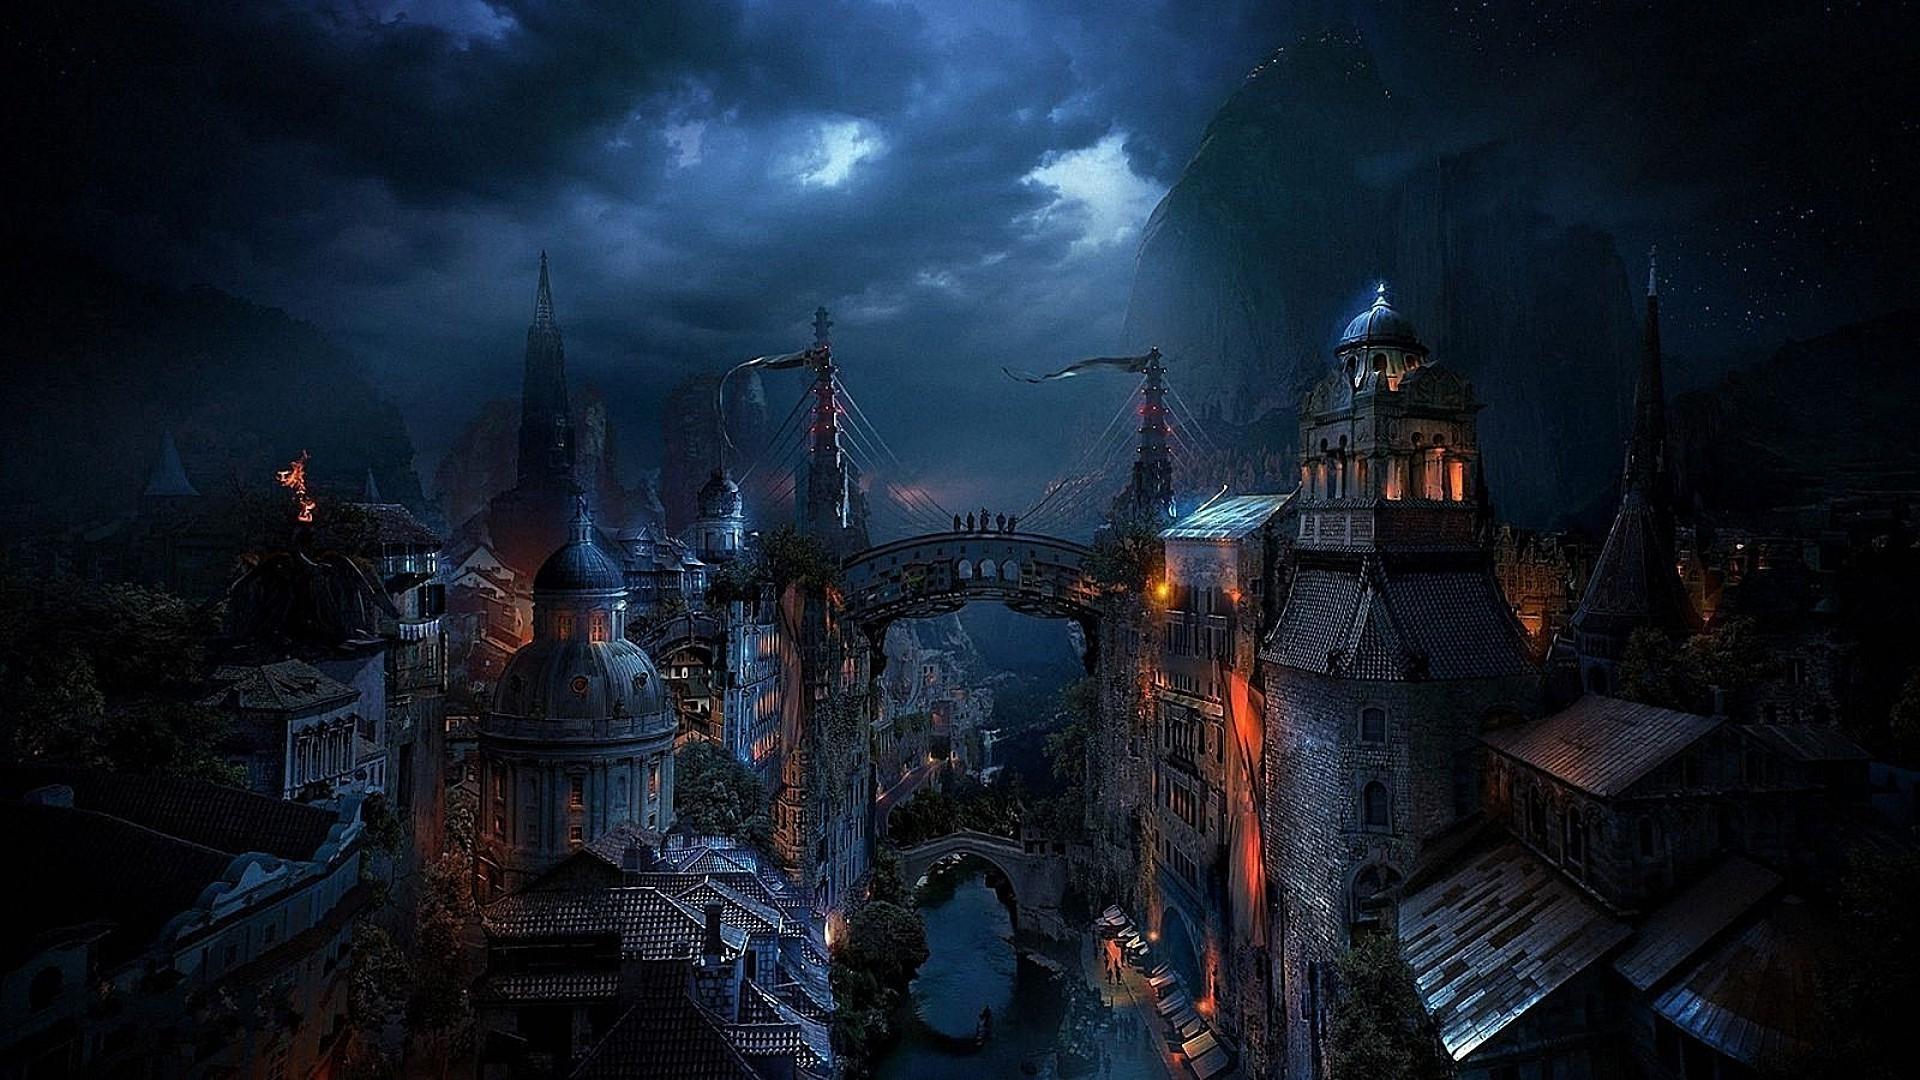 перебоев средневековый замок ночью картинки светлой кожей стоит